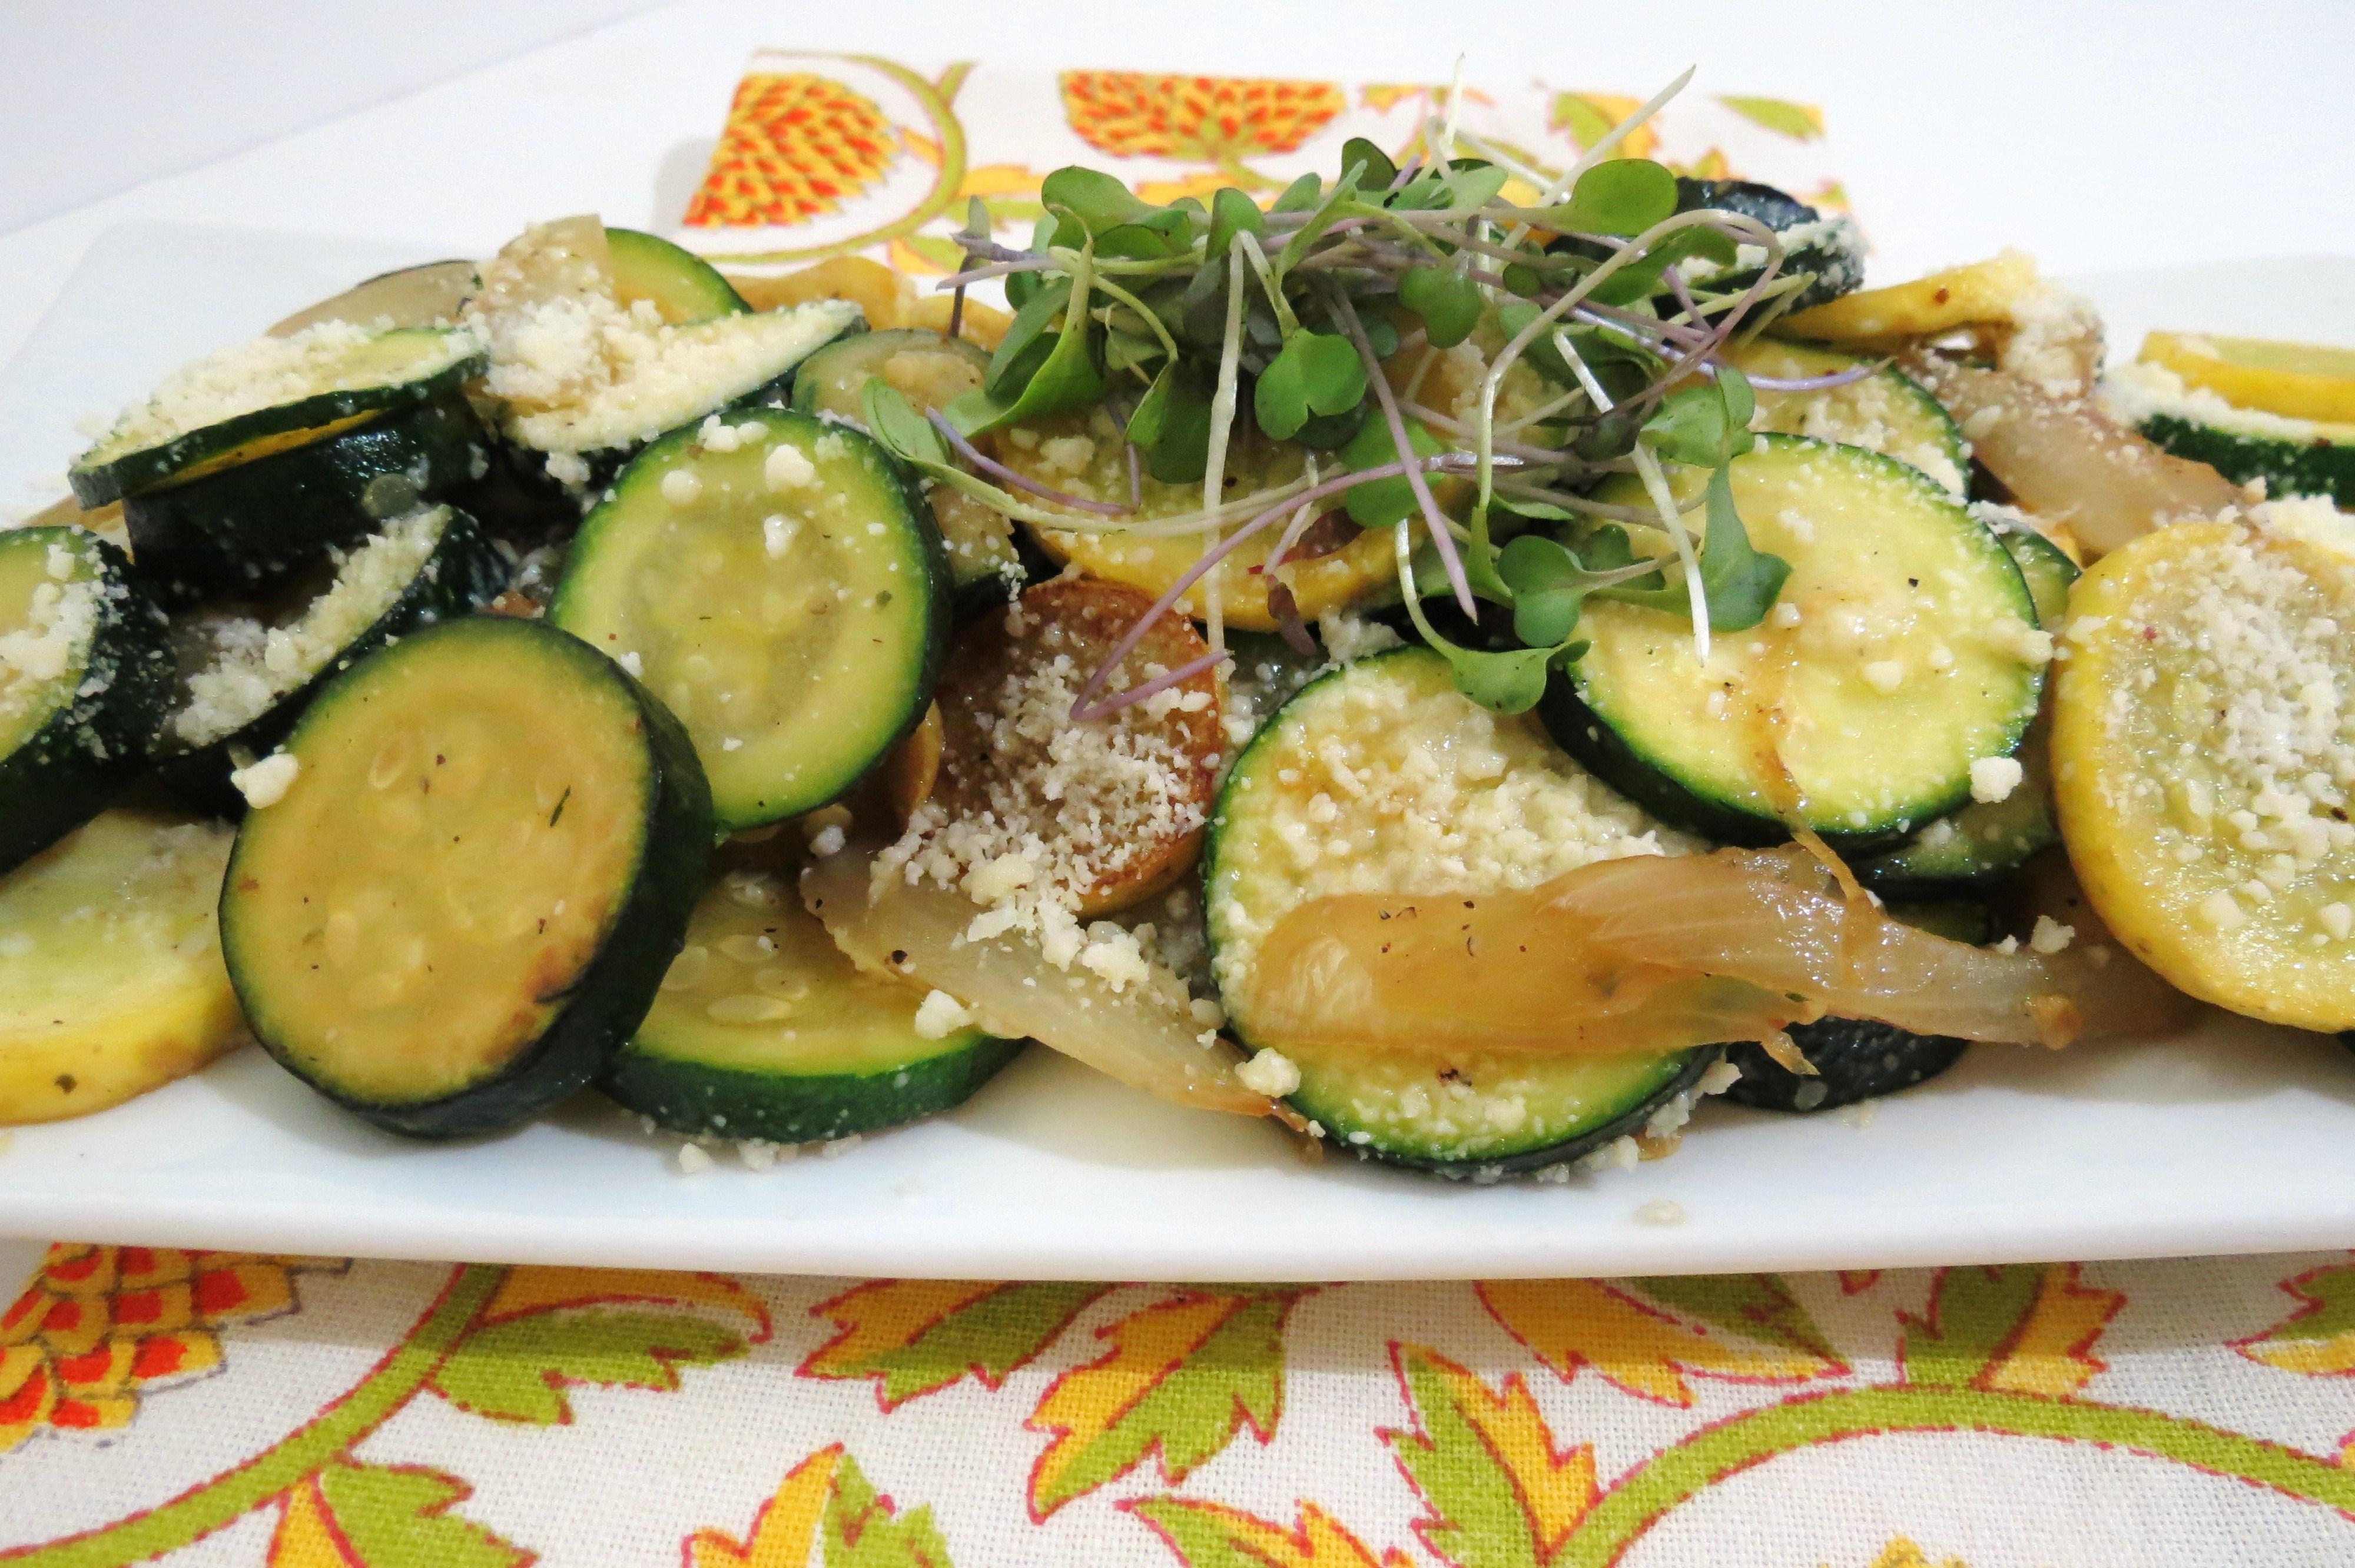 Summer squash & zucchini sauté